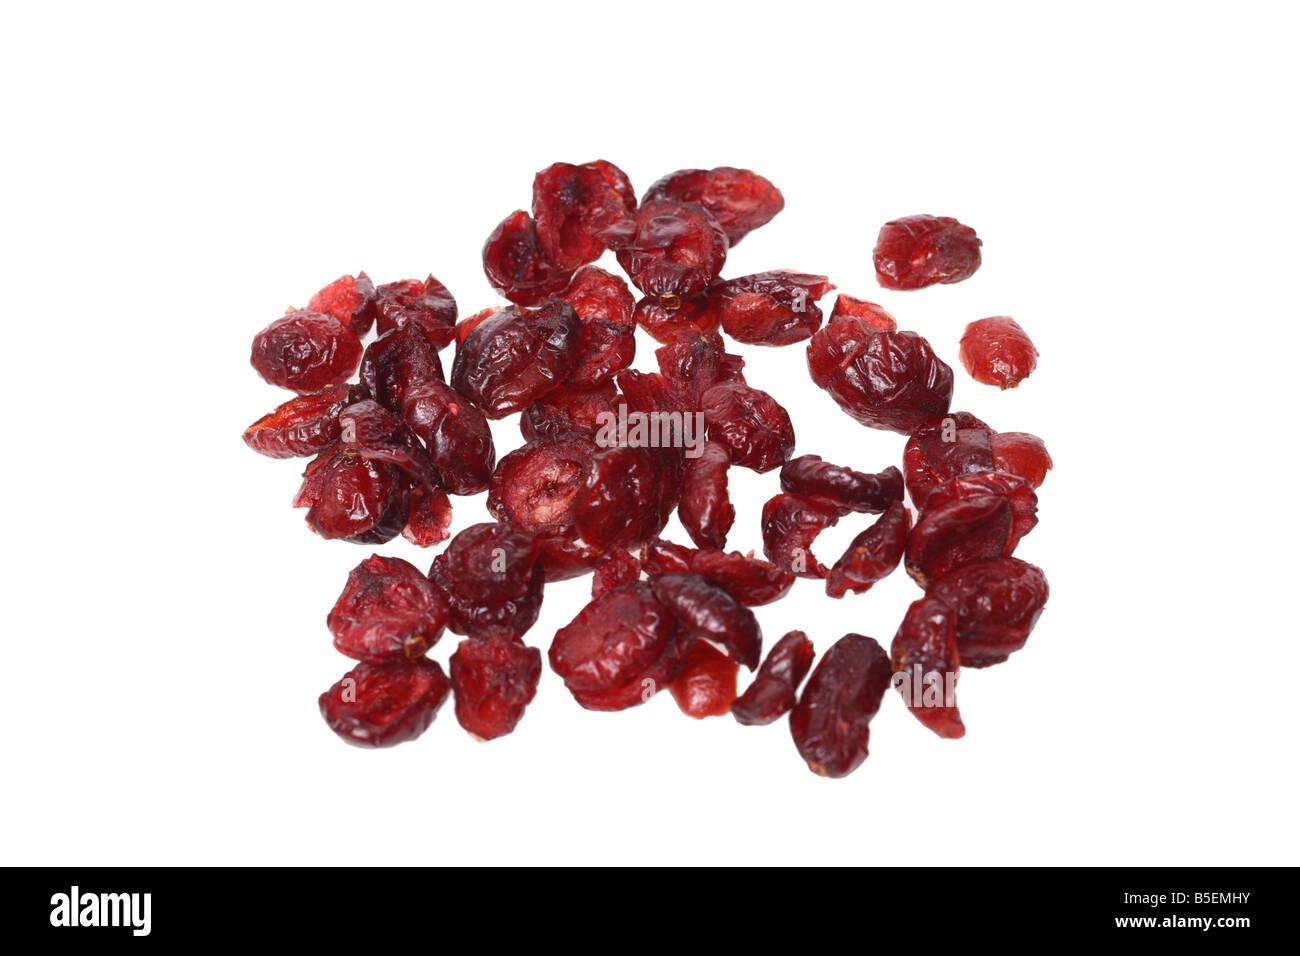 Getrocknete Cranberries Ausschnitt auf weißem Hintergrund Stockbild